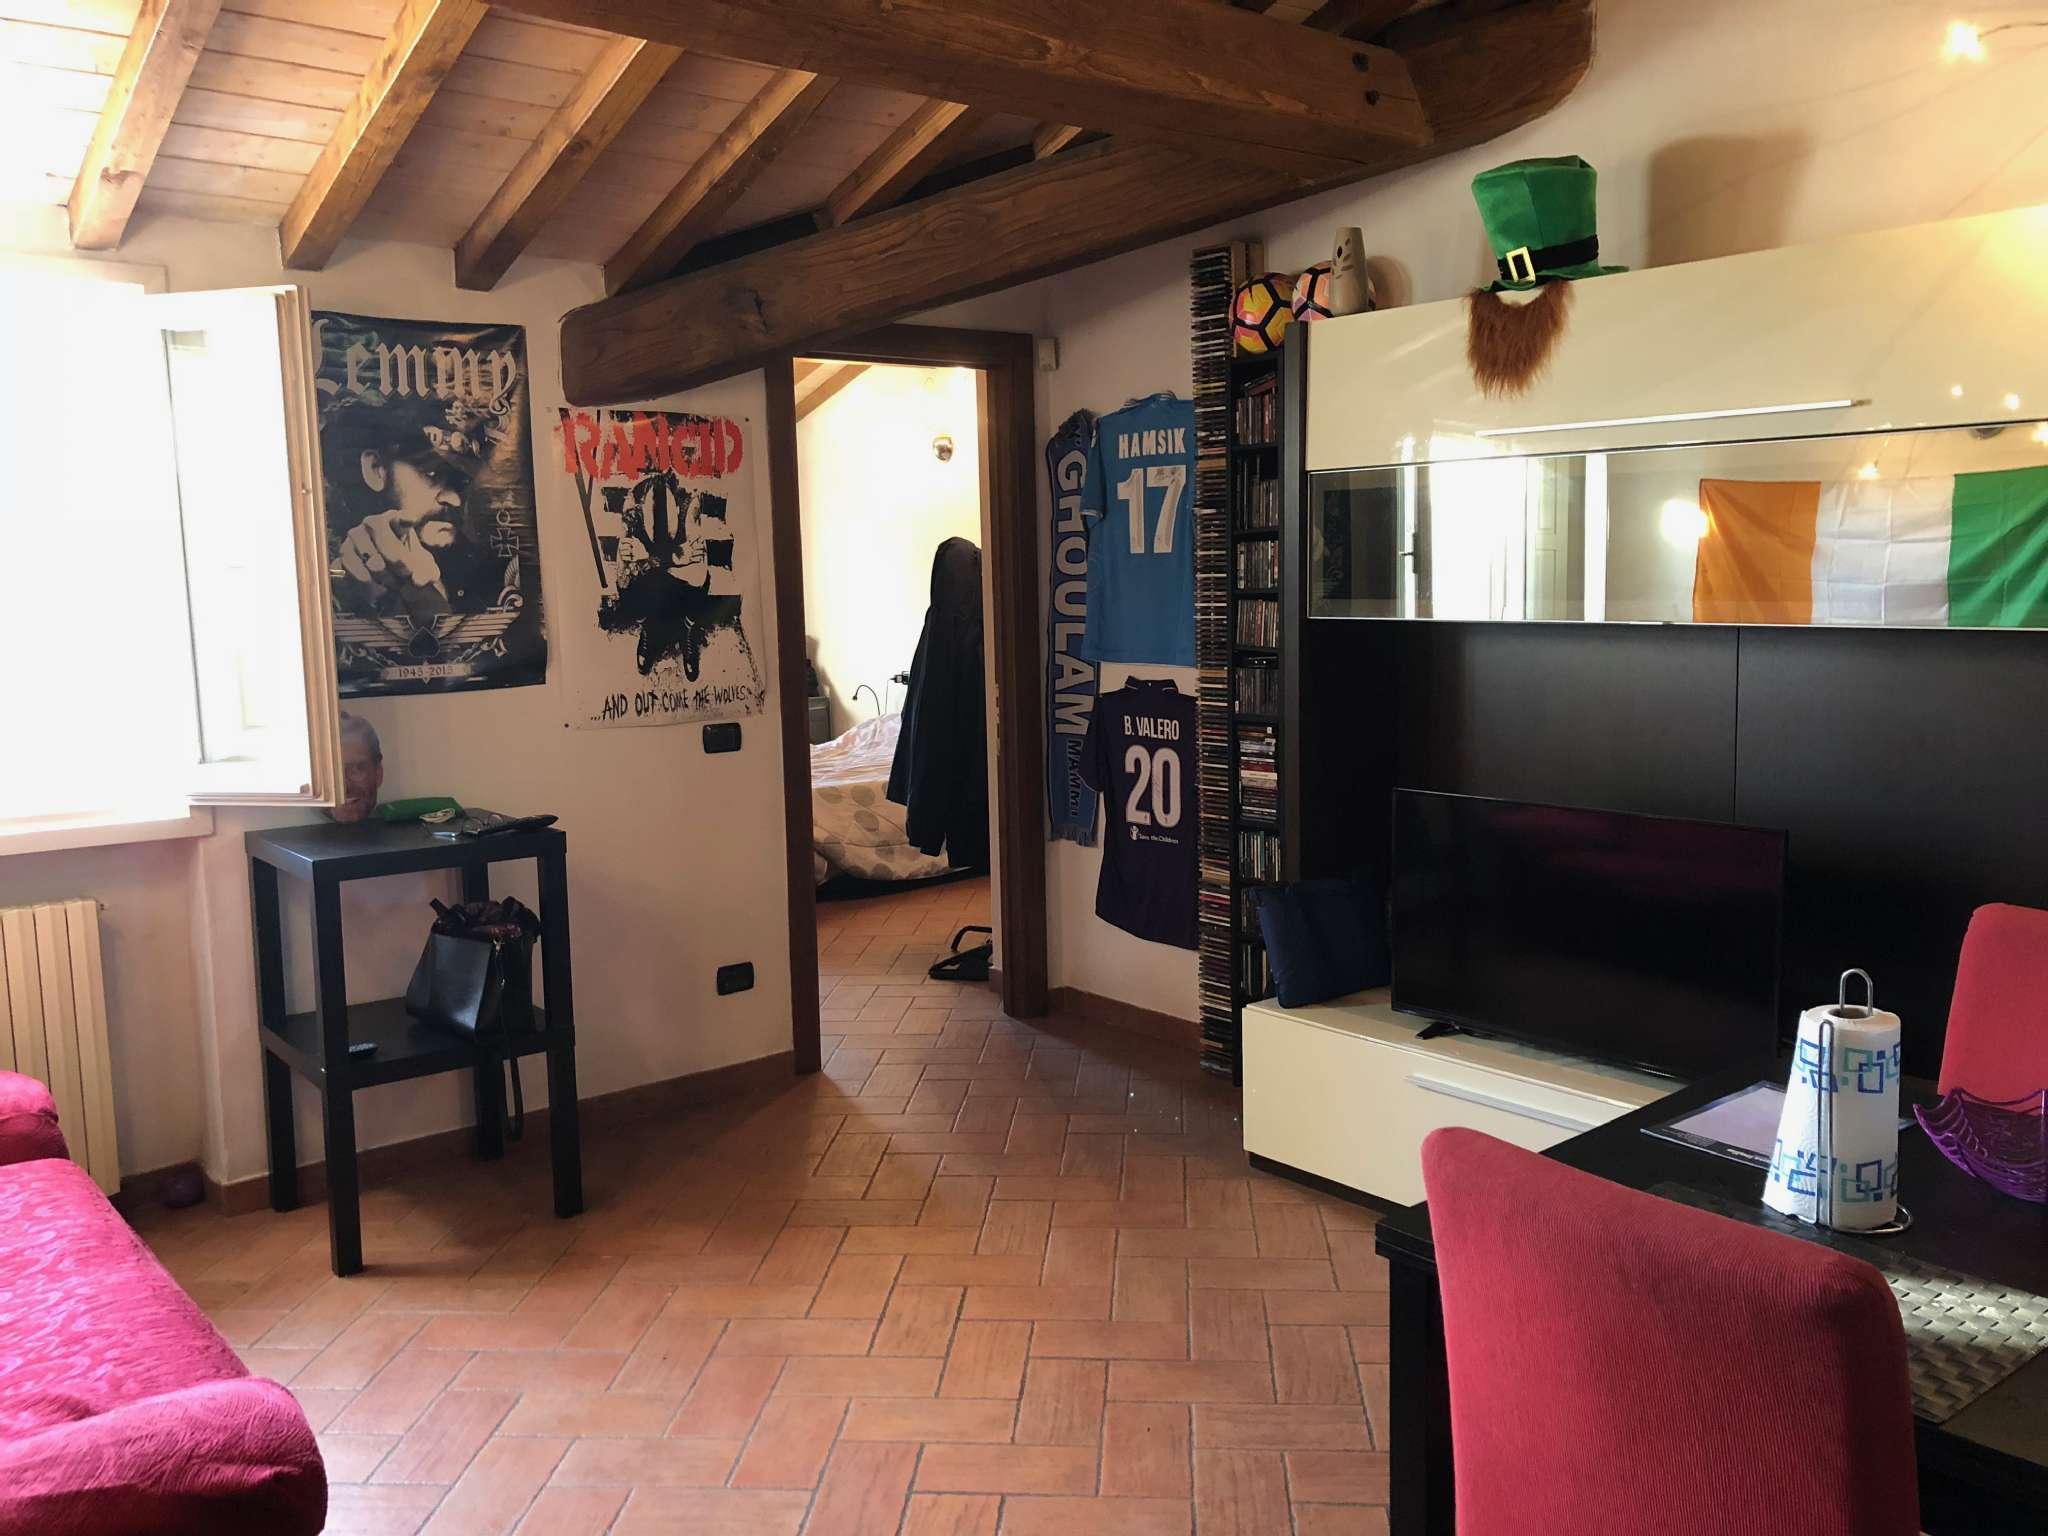 Appartamento bilocale in affitto a Prato (PO)